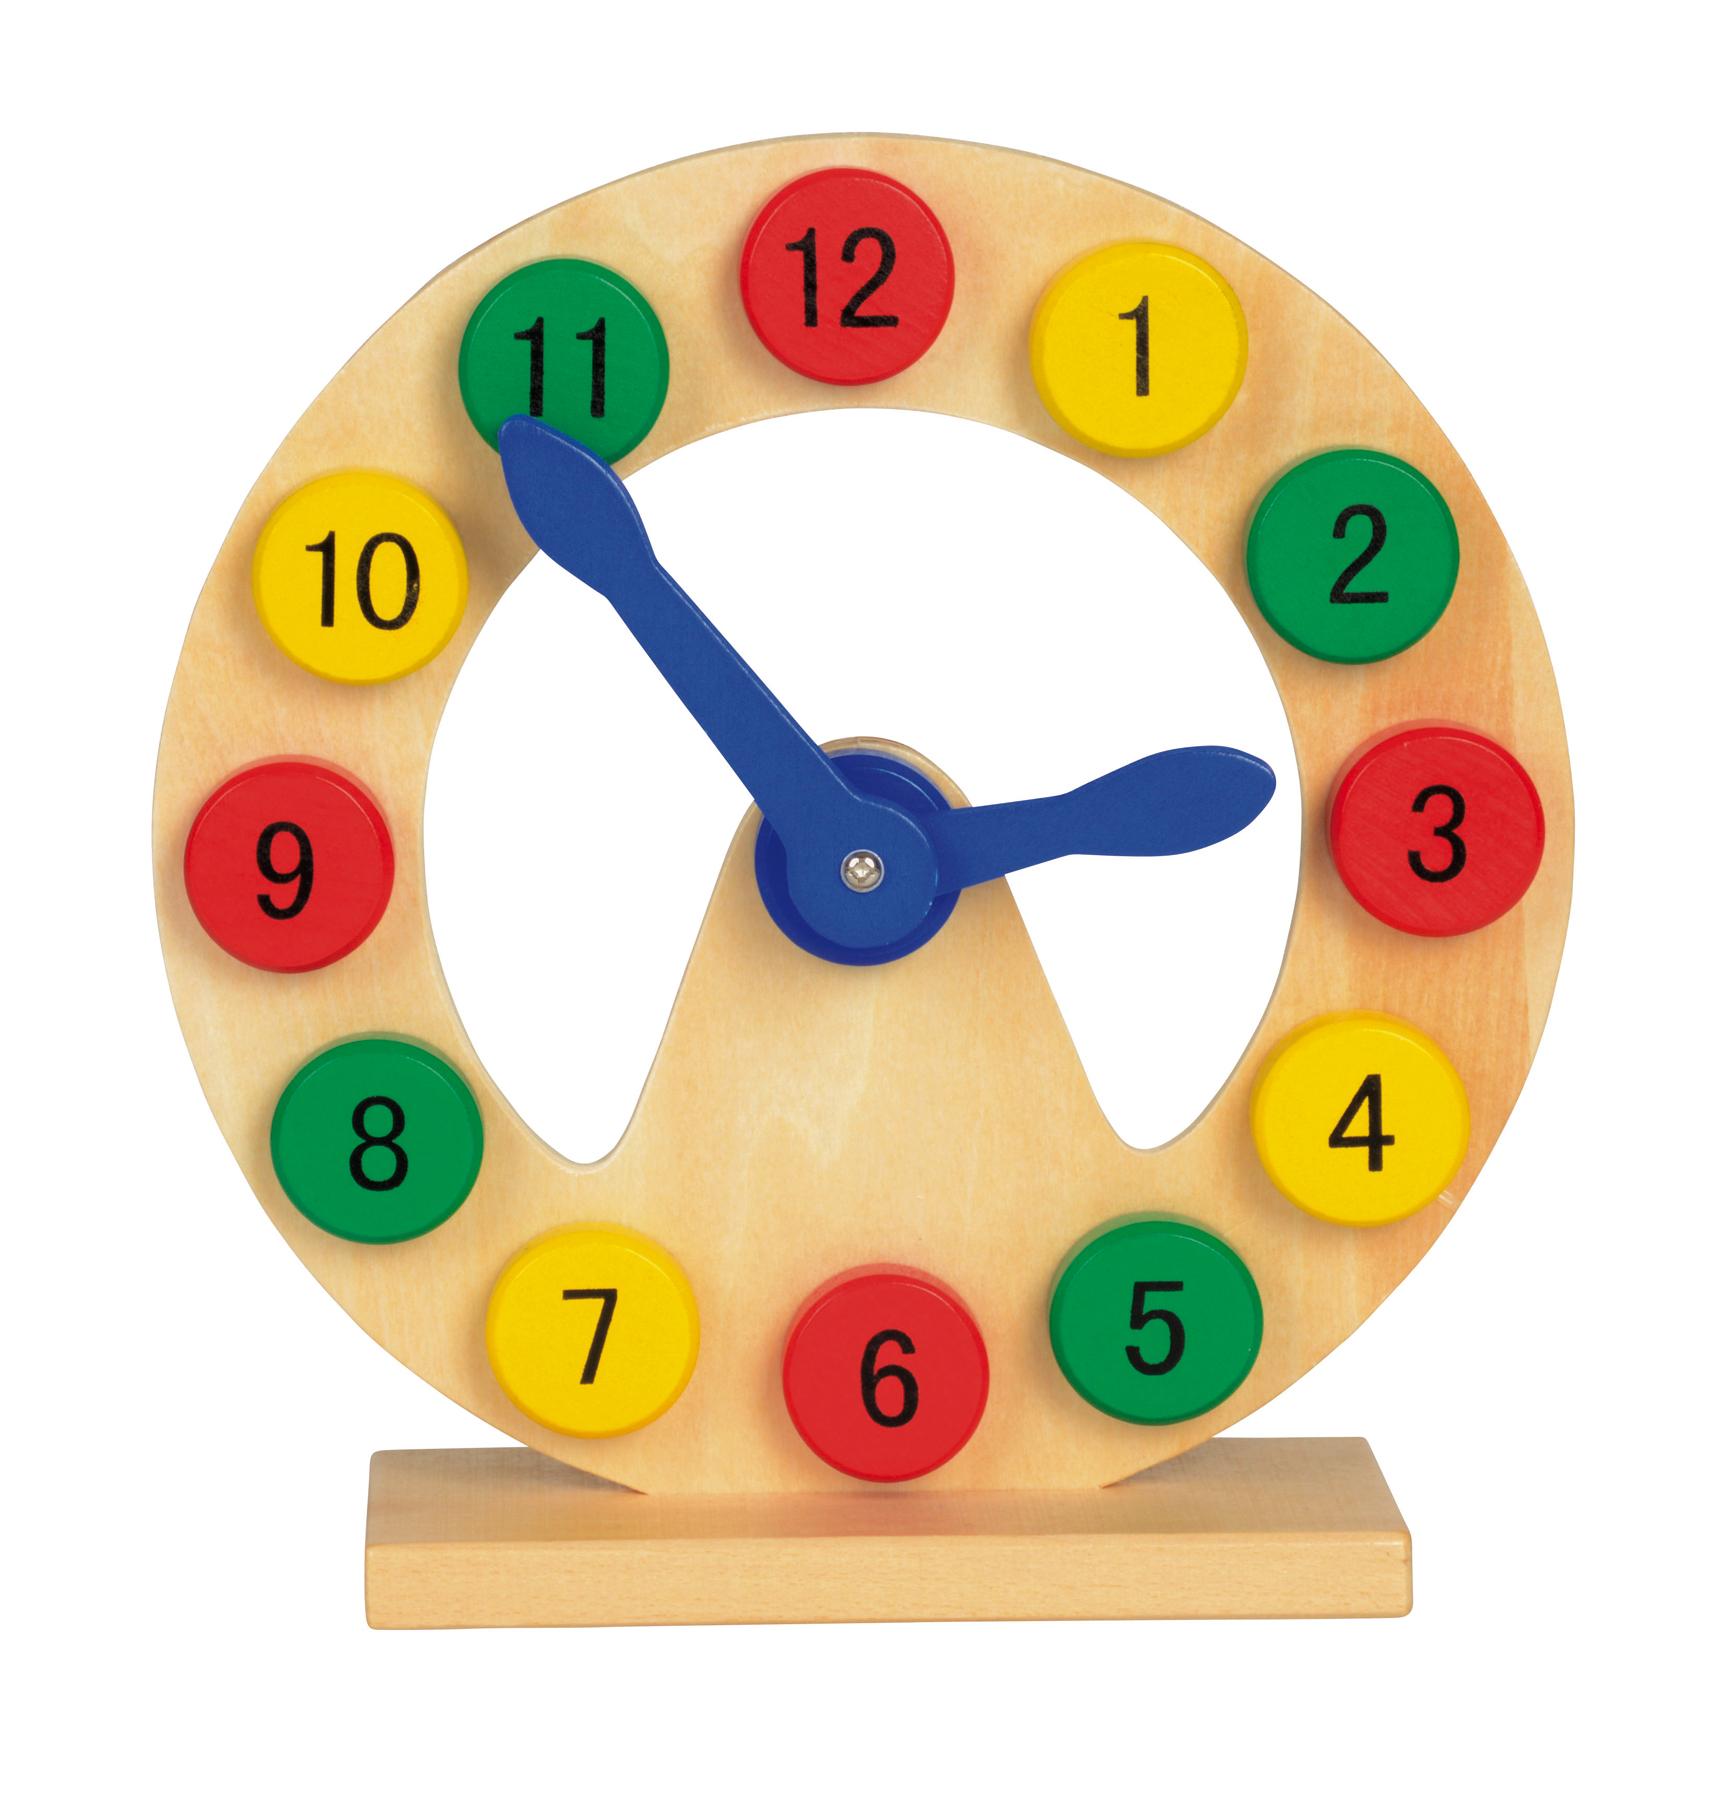 Zegar do zabawy COLOURED TIME, wielokolorowy